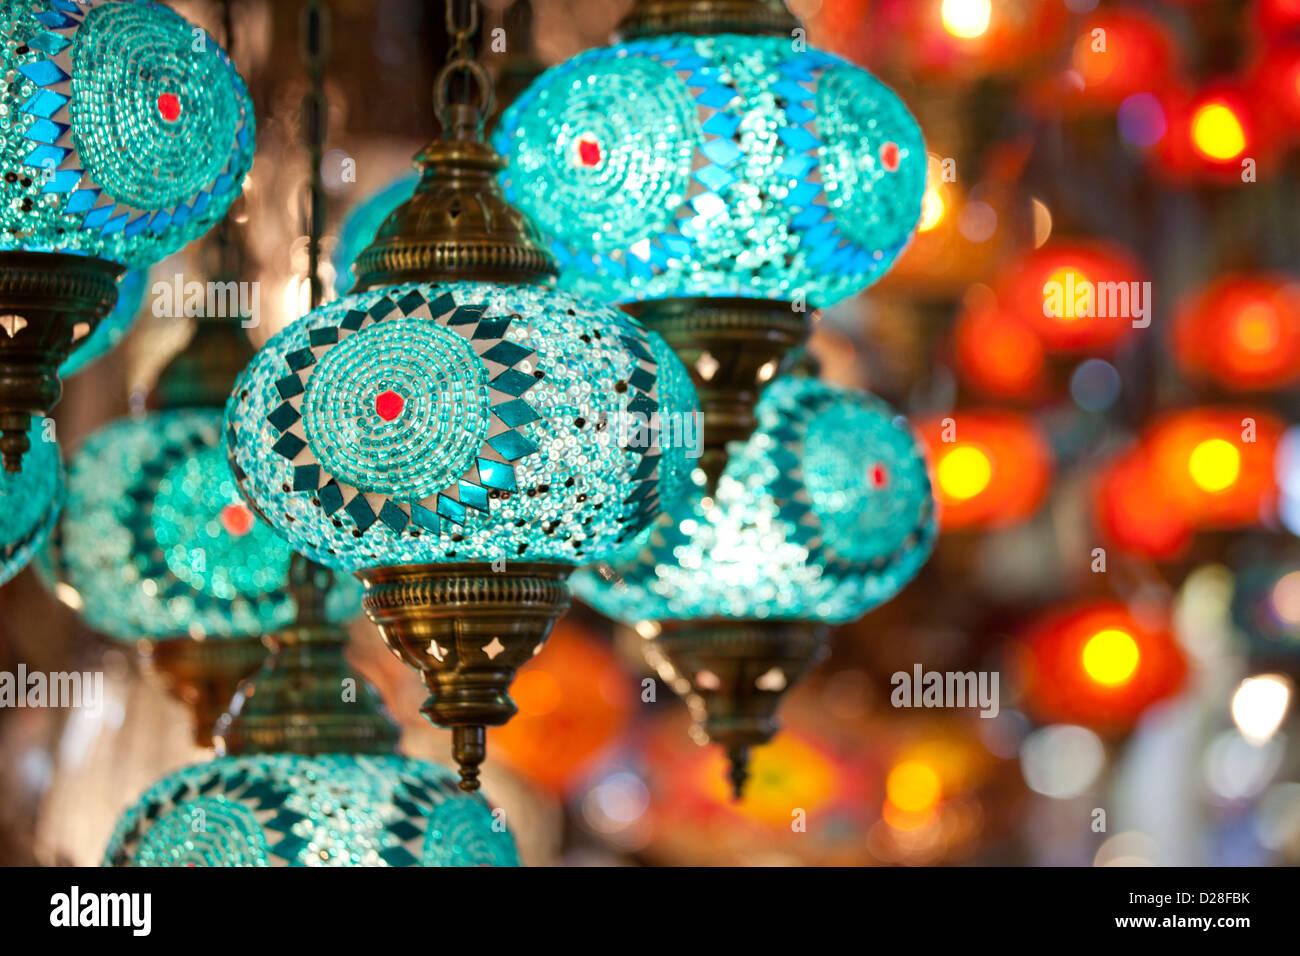 Lanternes en verre coloré turc électrique lampes dans le Grand Bazar Kapali Carsi Kapalicarsi ( Marché Photo Stock